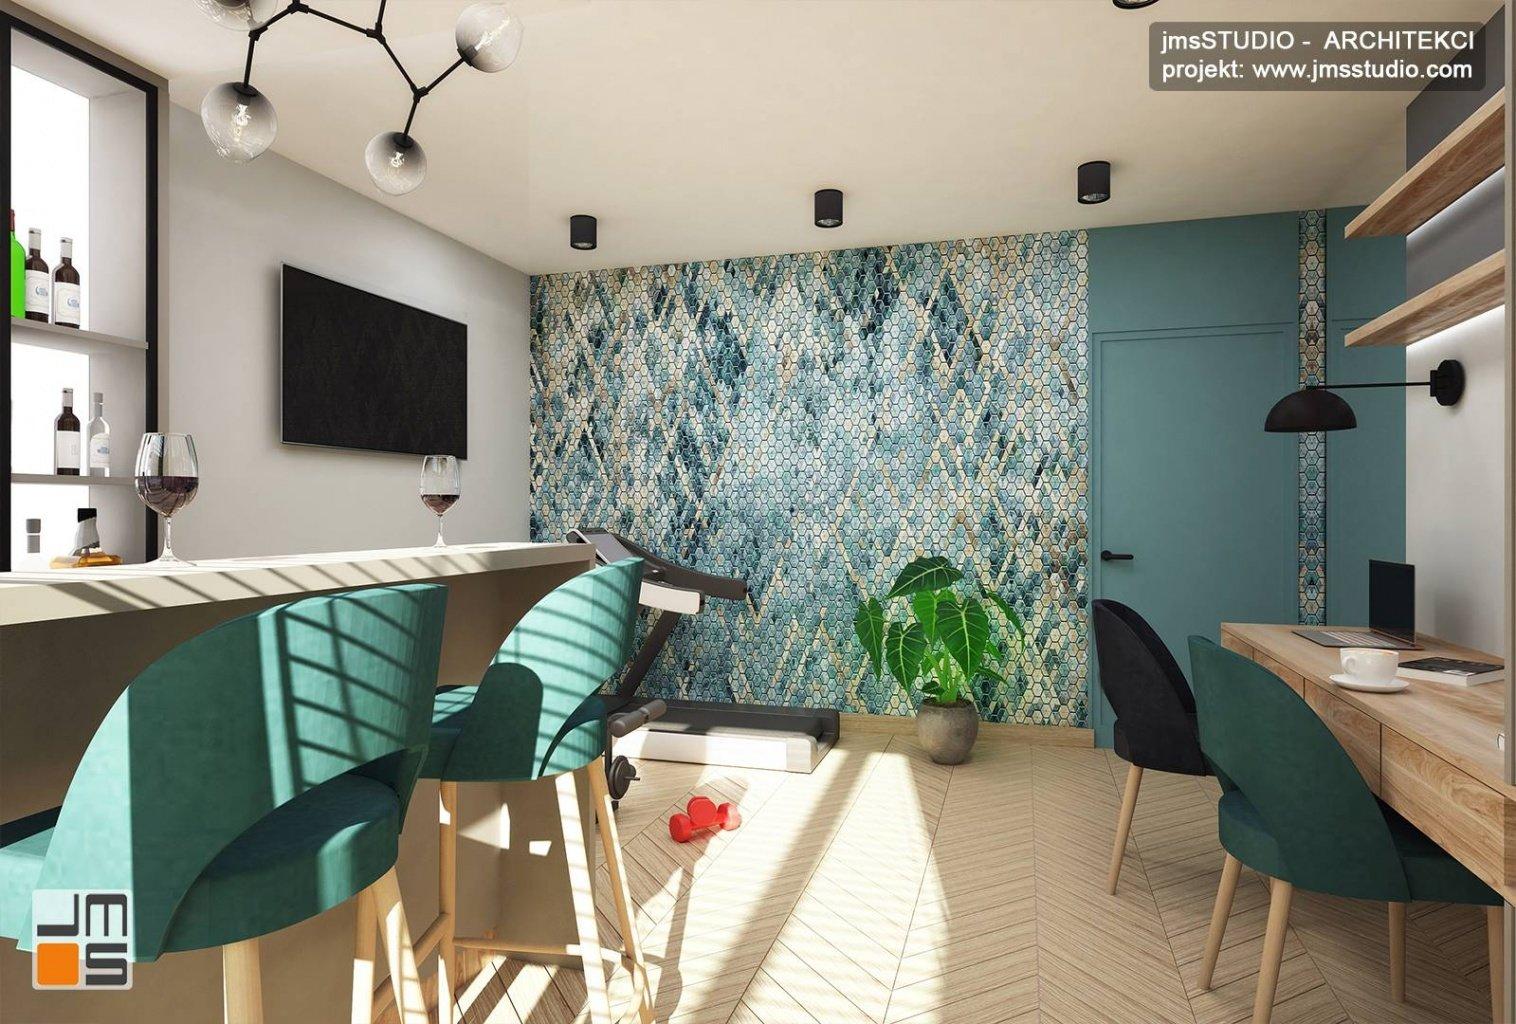 tapeta z wzorem w pokoju rekreacyjnym fitness to pomysł na projekt wnętrz w Katowicach